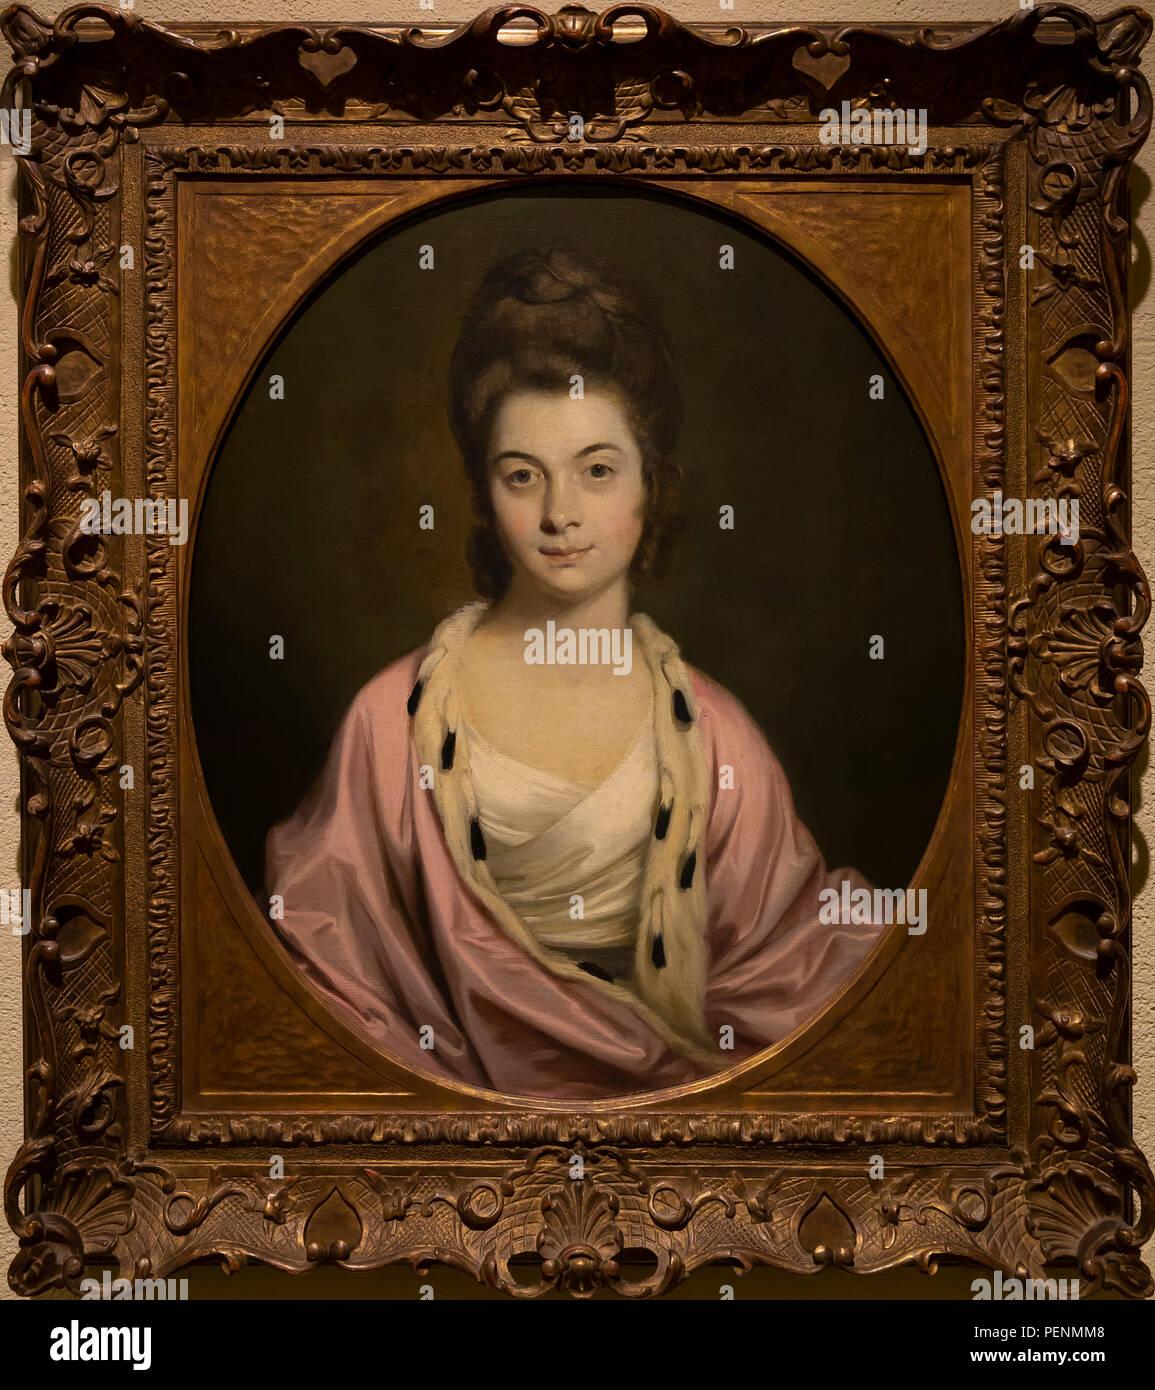 Frau Thomas Watkinson Payler, Joshua Reynolds, 1771, Indianapolis Museum of Art, Indianapolis, Indiana, USA, Nordamerika Stockbild